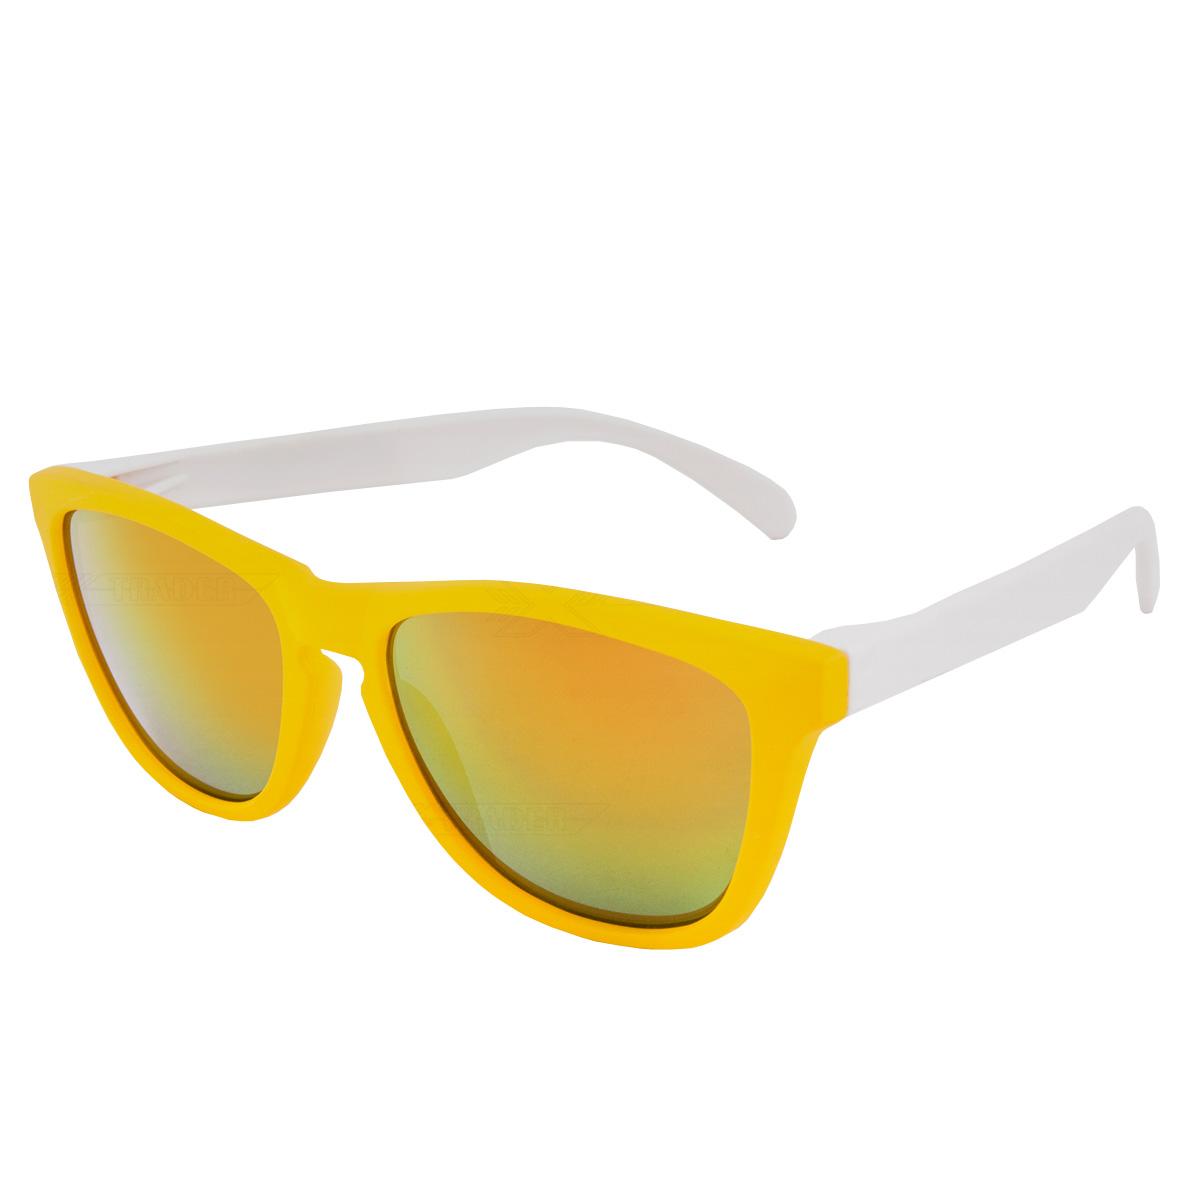 Sluneční brýle Nerd cool žluto-bílé